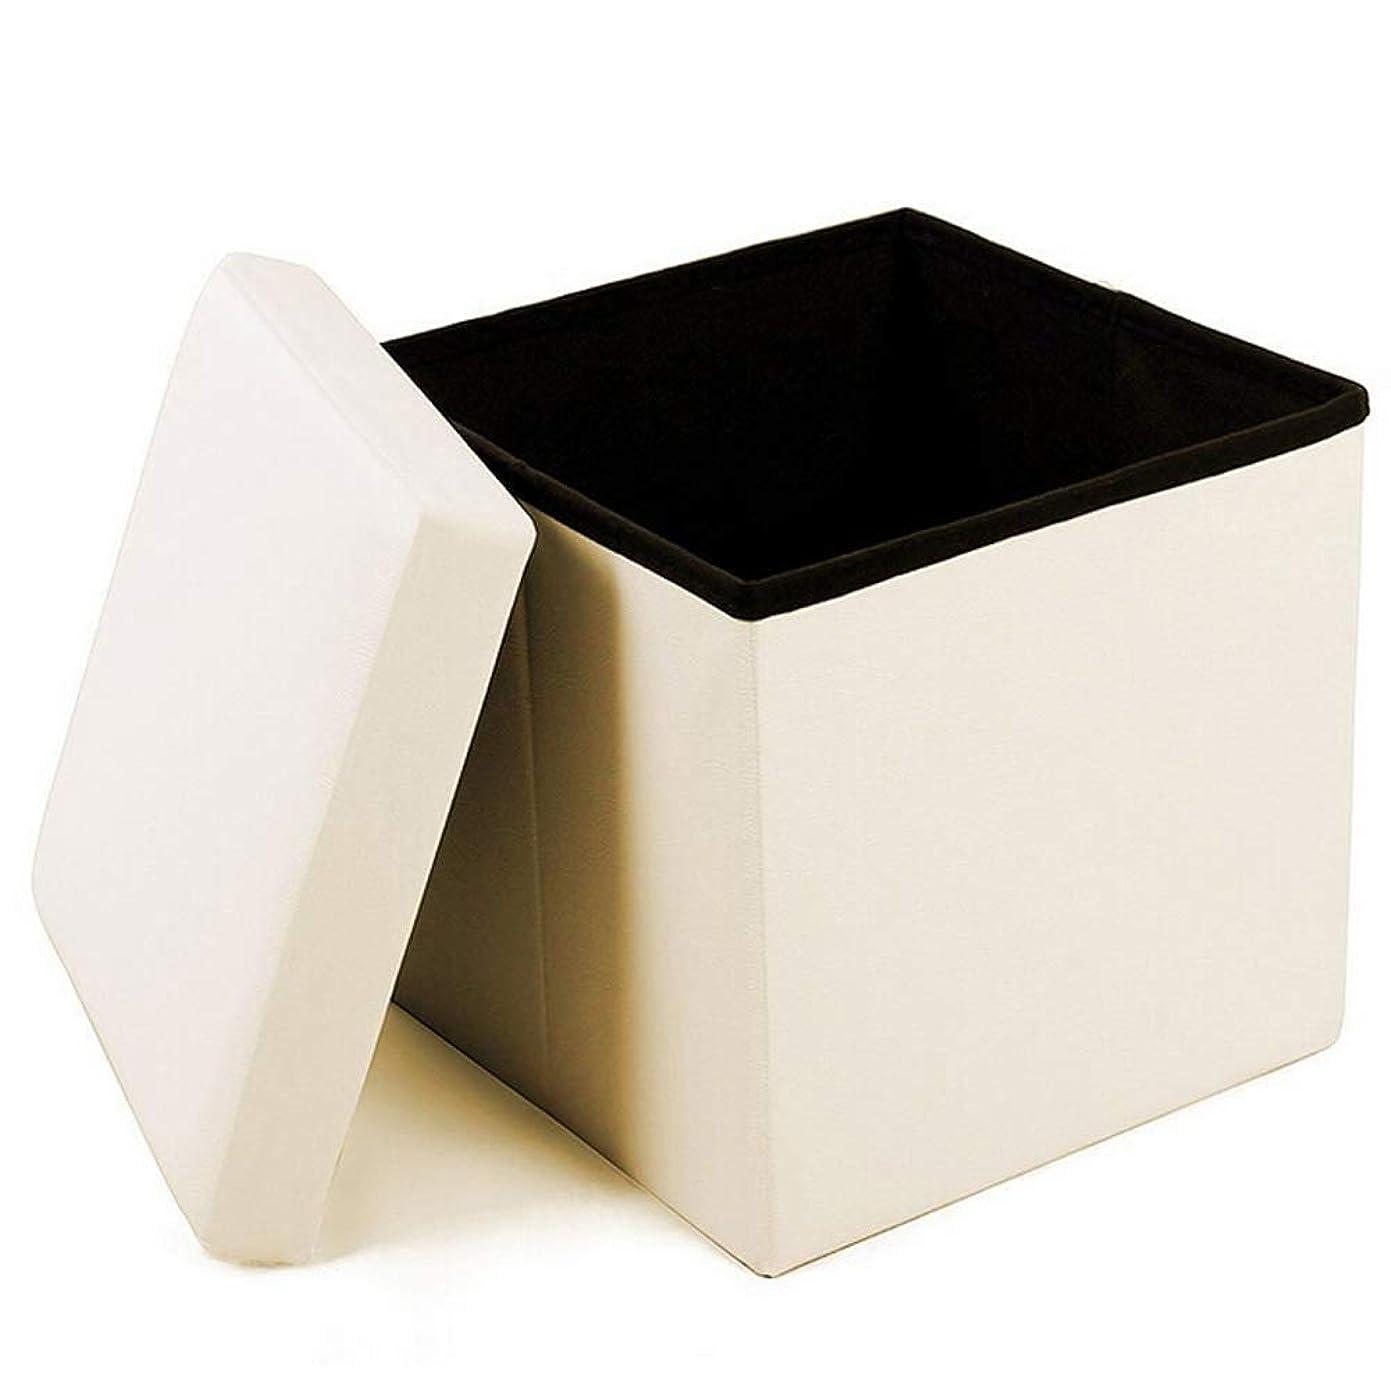 マンハッタン高価な理想的Geartist 収納スツール 収納椅子 12